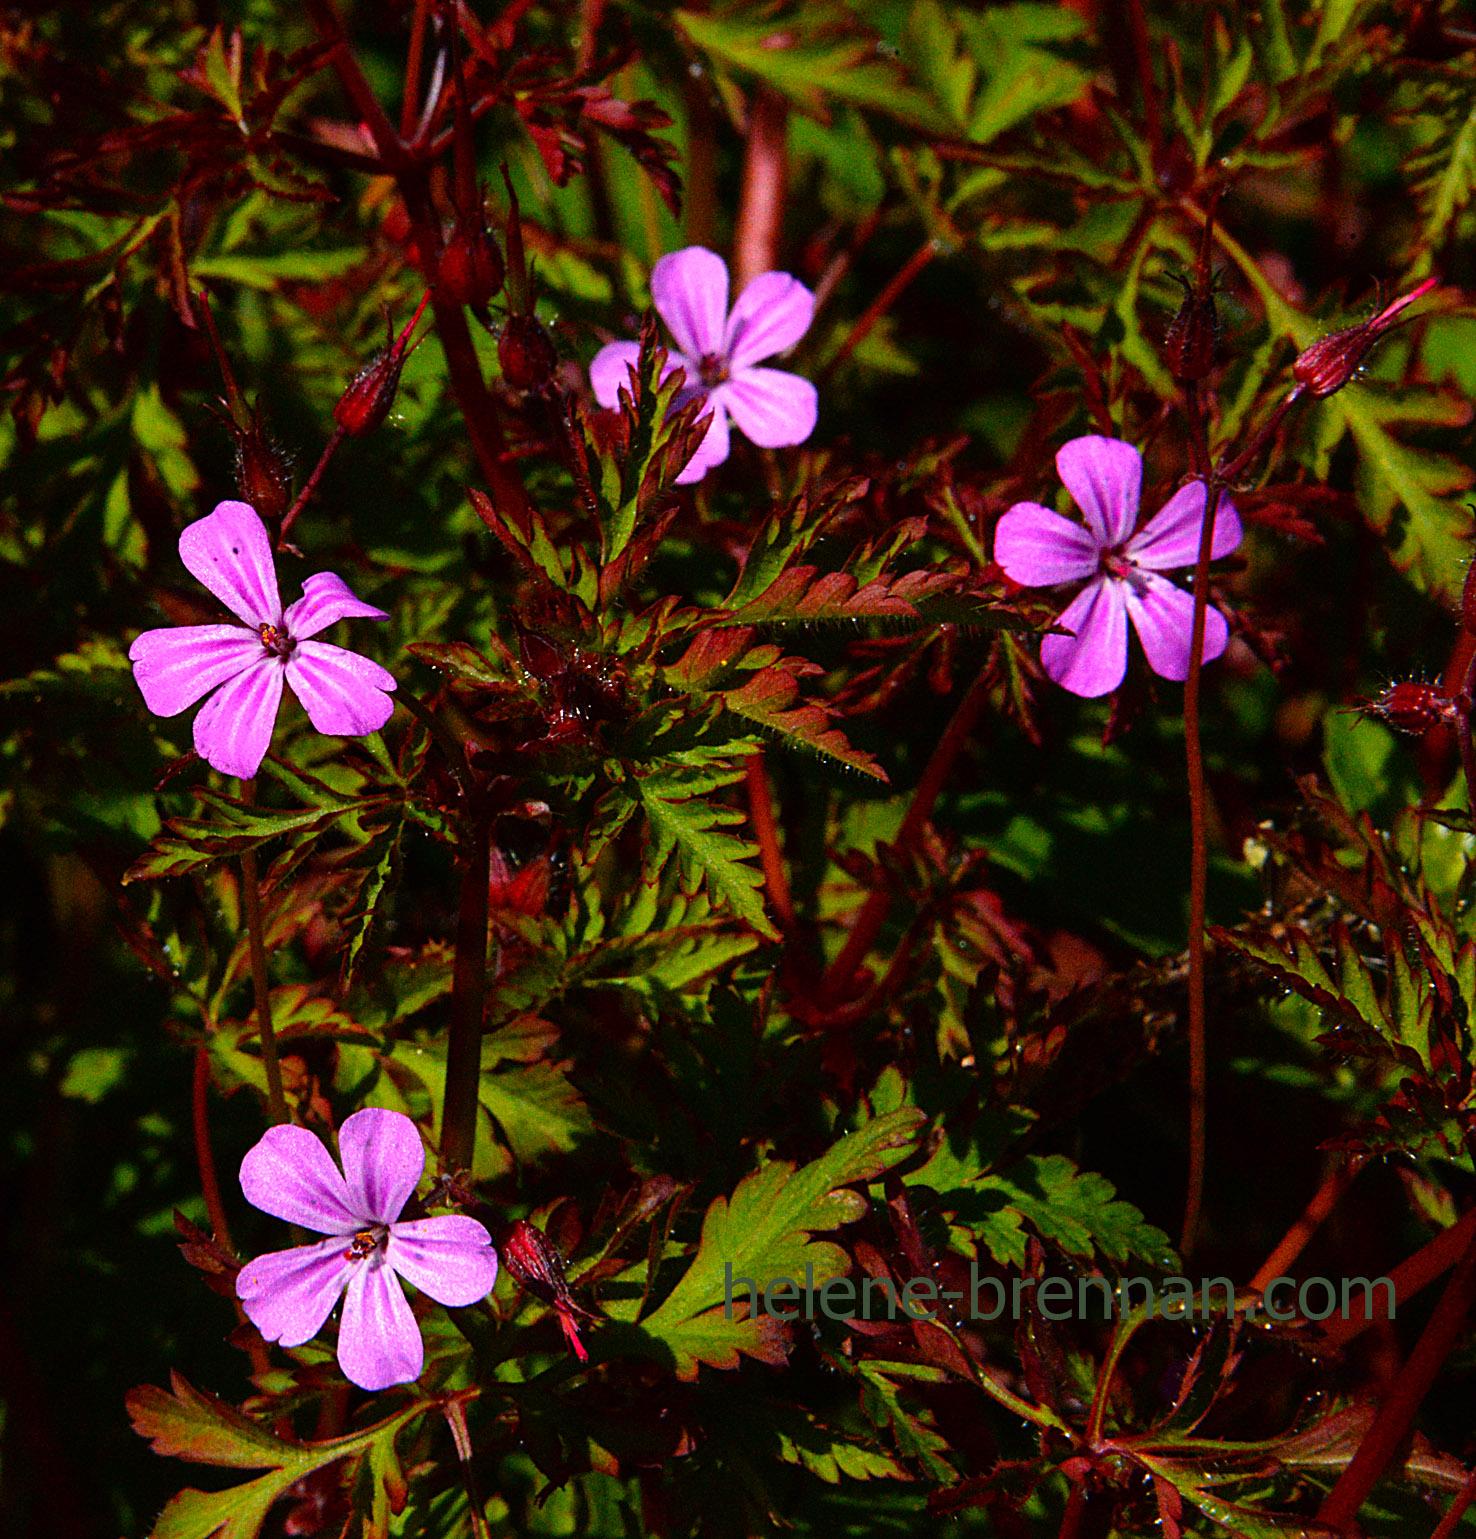 DSC_3259 herb robert